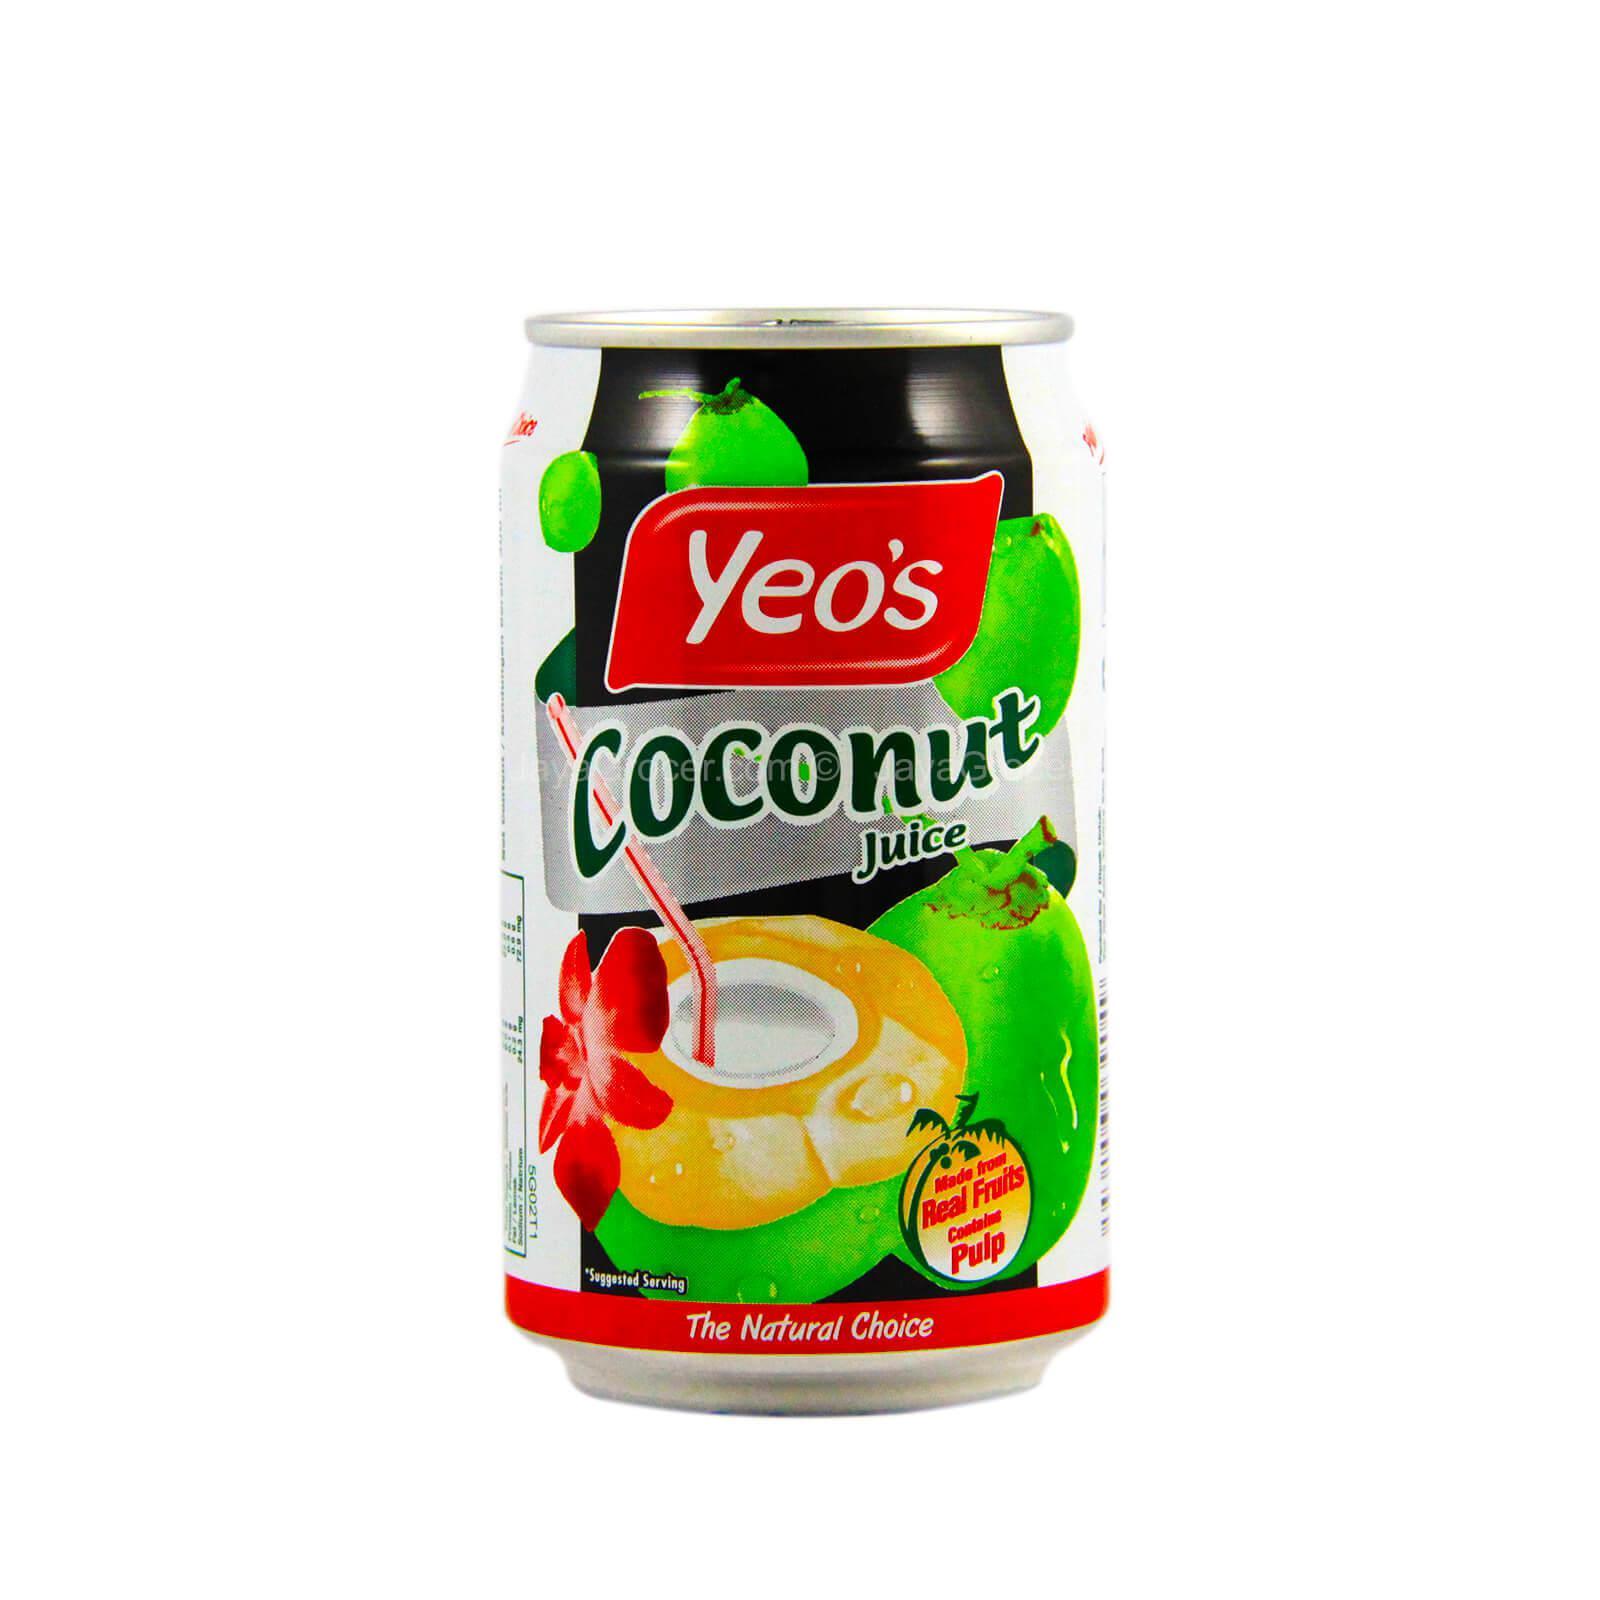 Yeo's